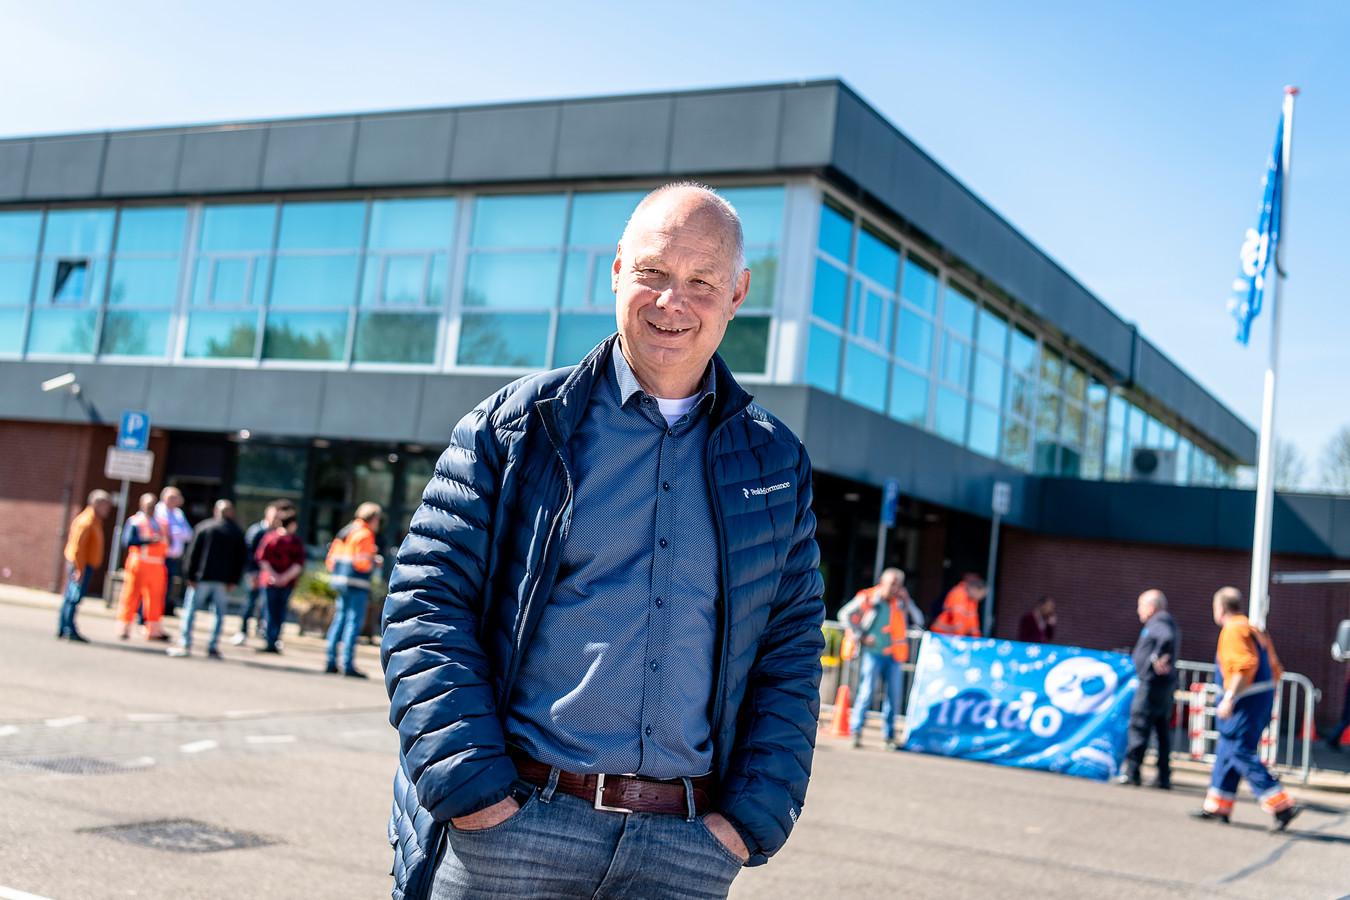 André Hertog viert dubbel feest: Niet alleen Irado bestaat twintig jaar, hij is ook al twee decennia directeur van de afvalinzamelaar van Schiedam, Vlaardingen en Capelle aan den IJssel.